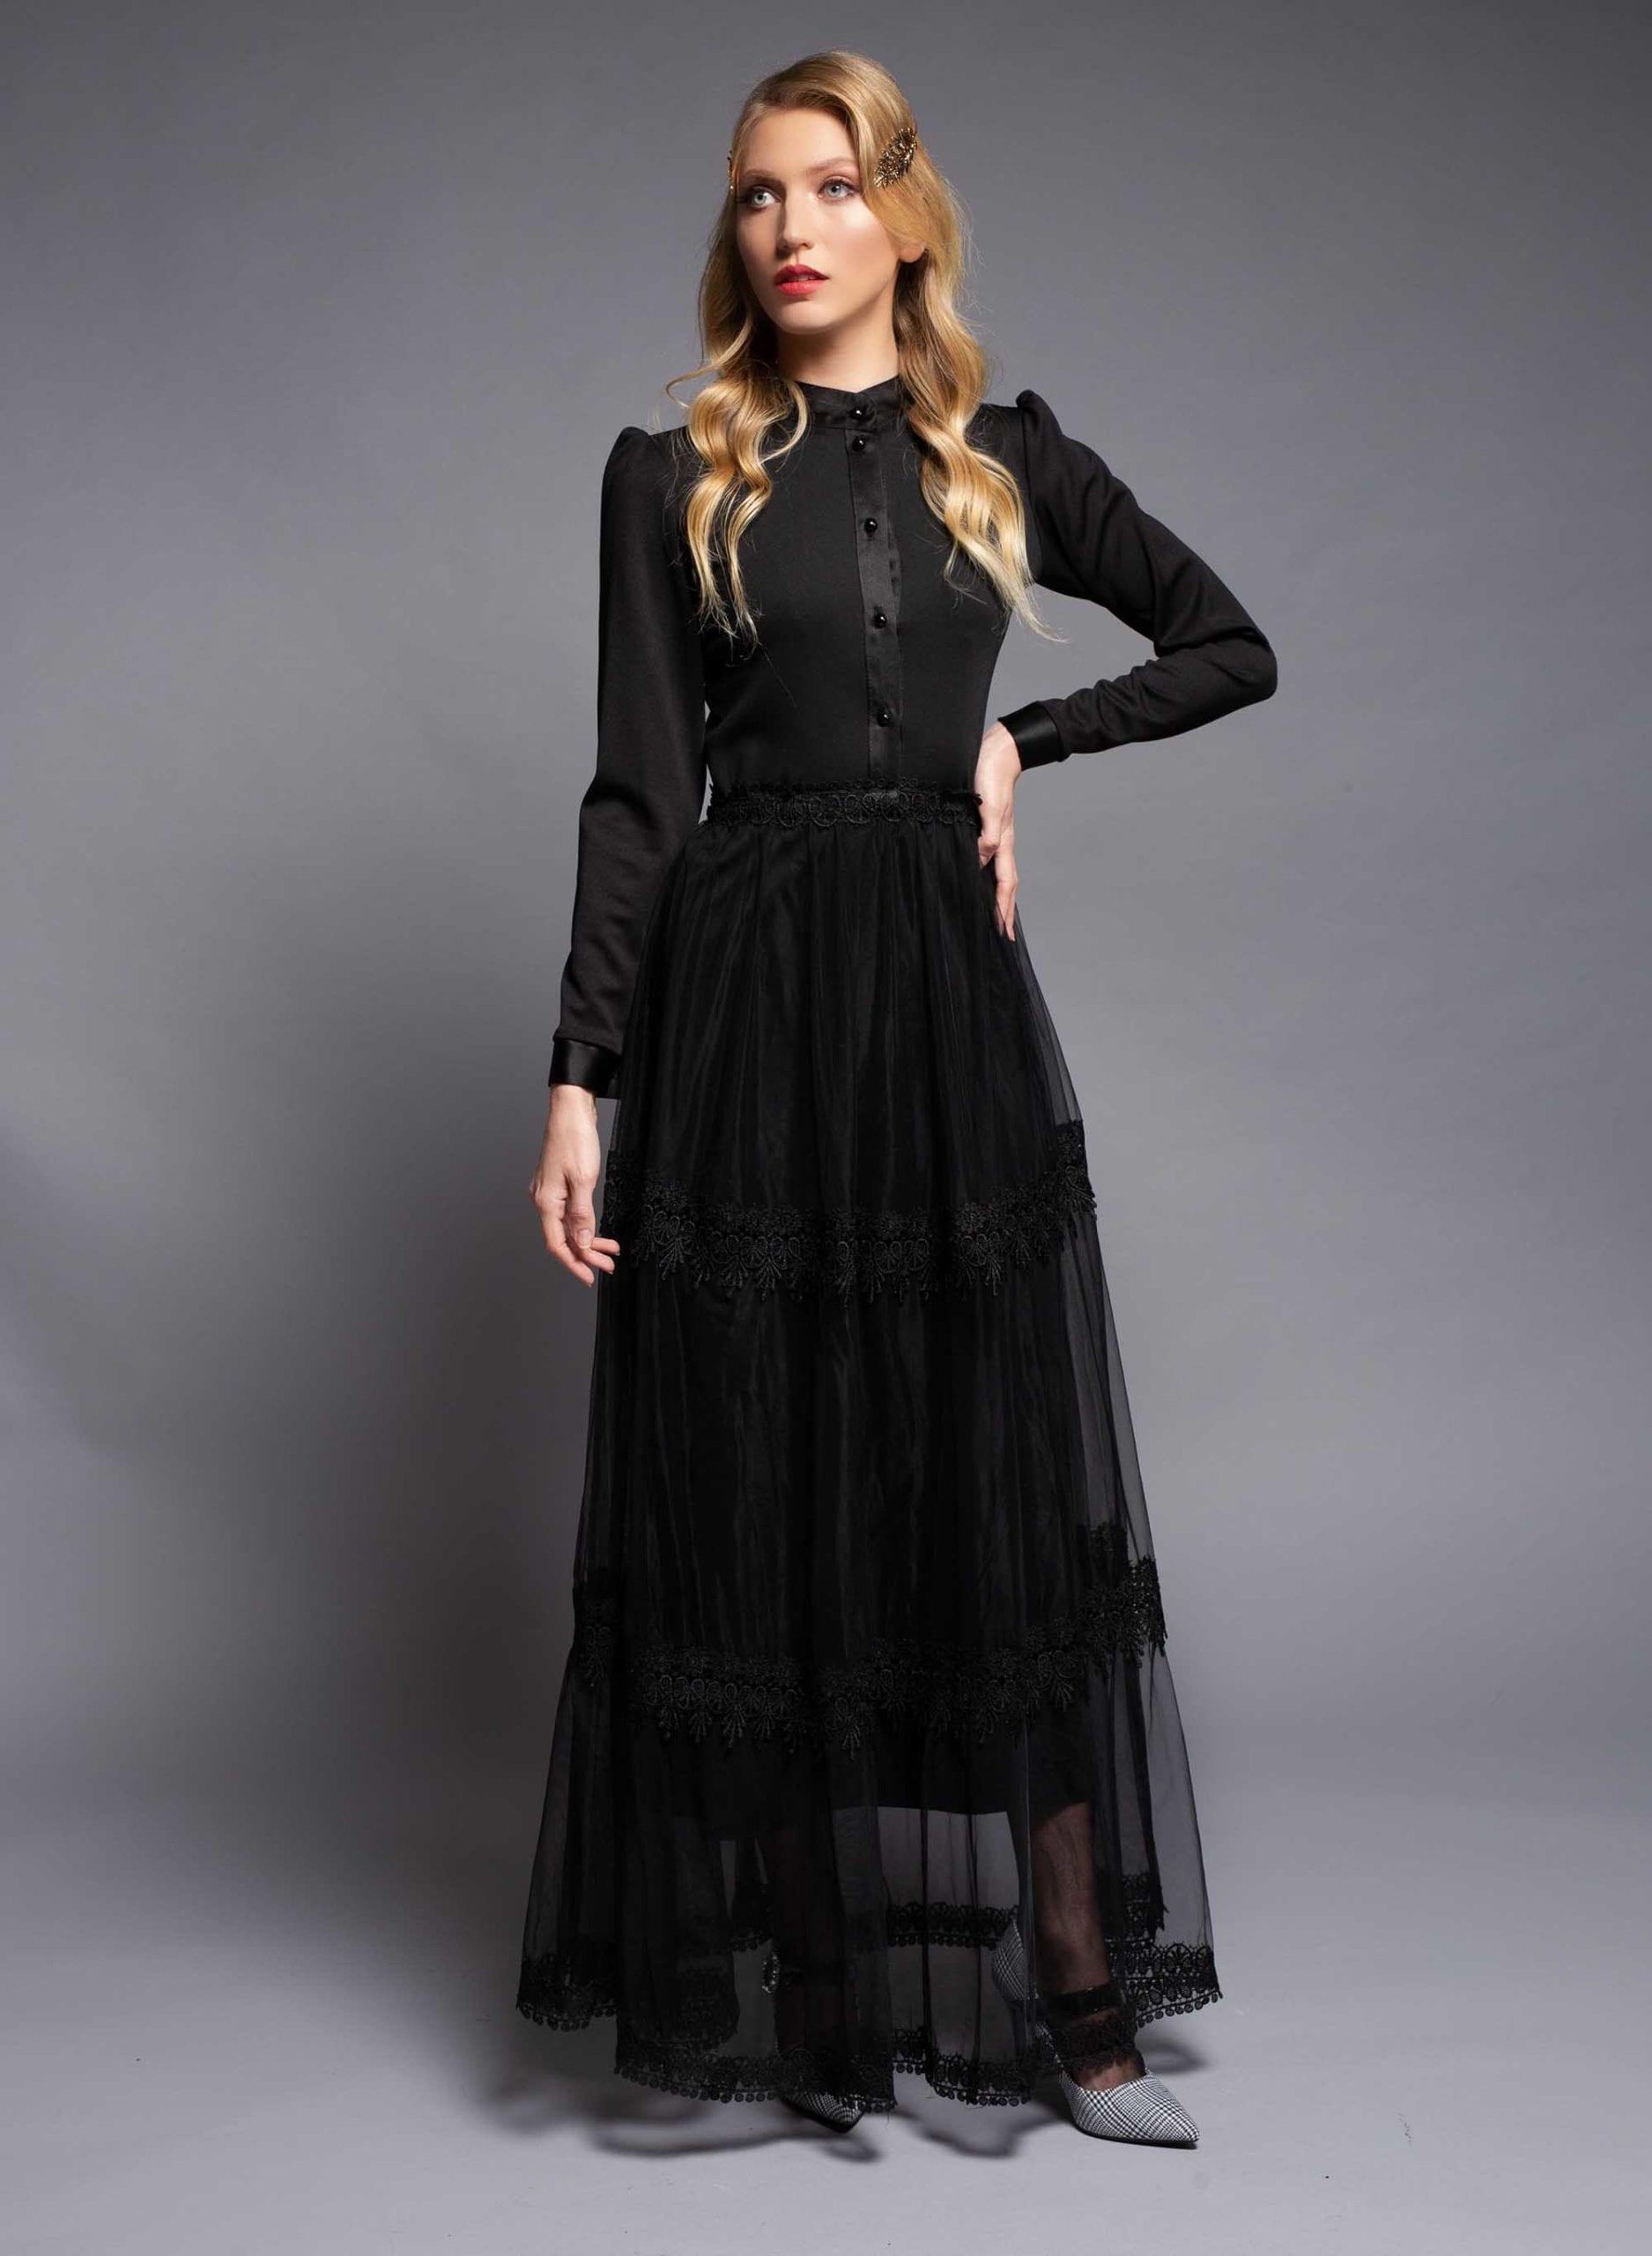 שילת אליאב, אופנה - 5